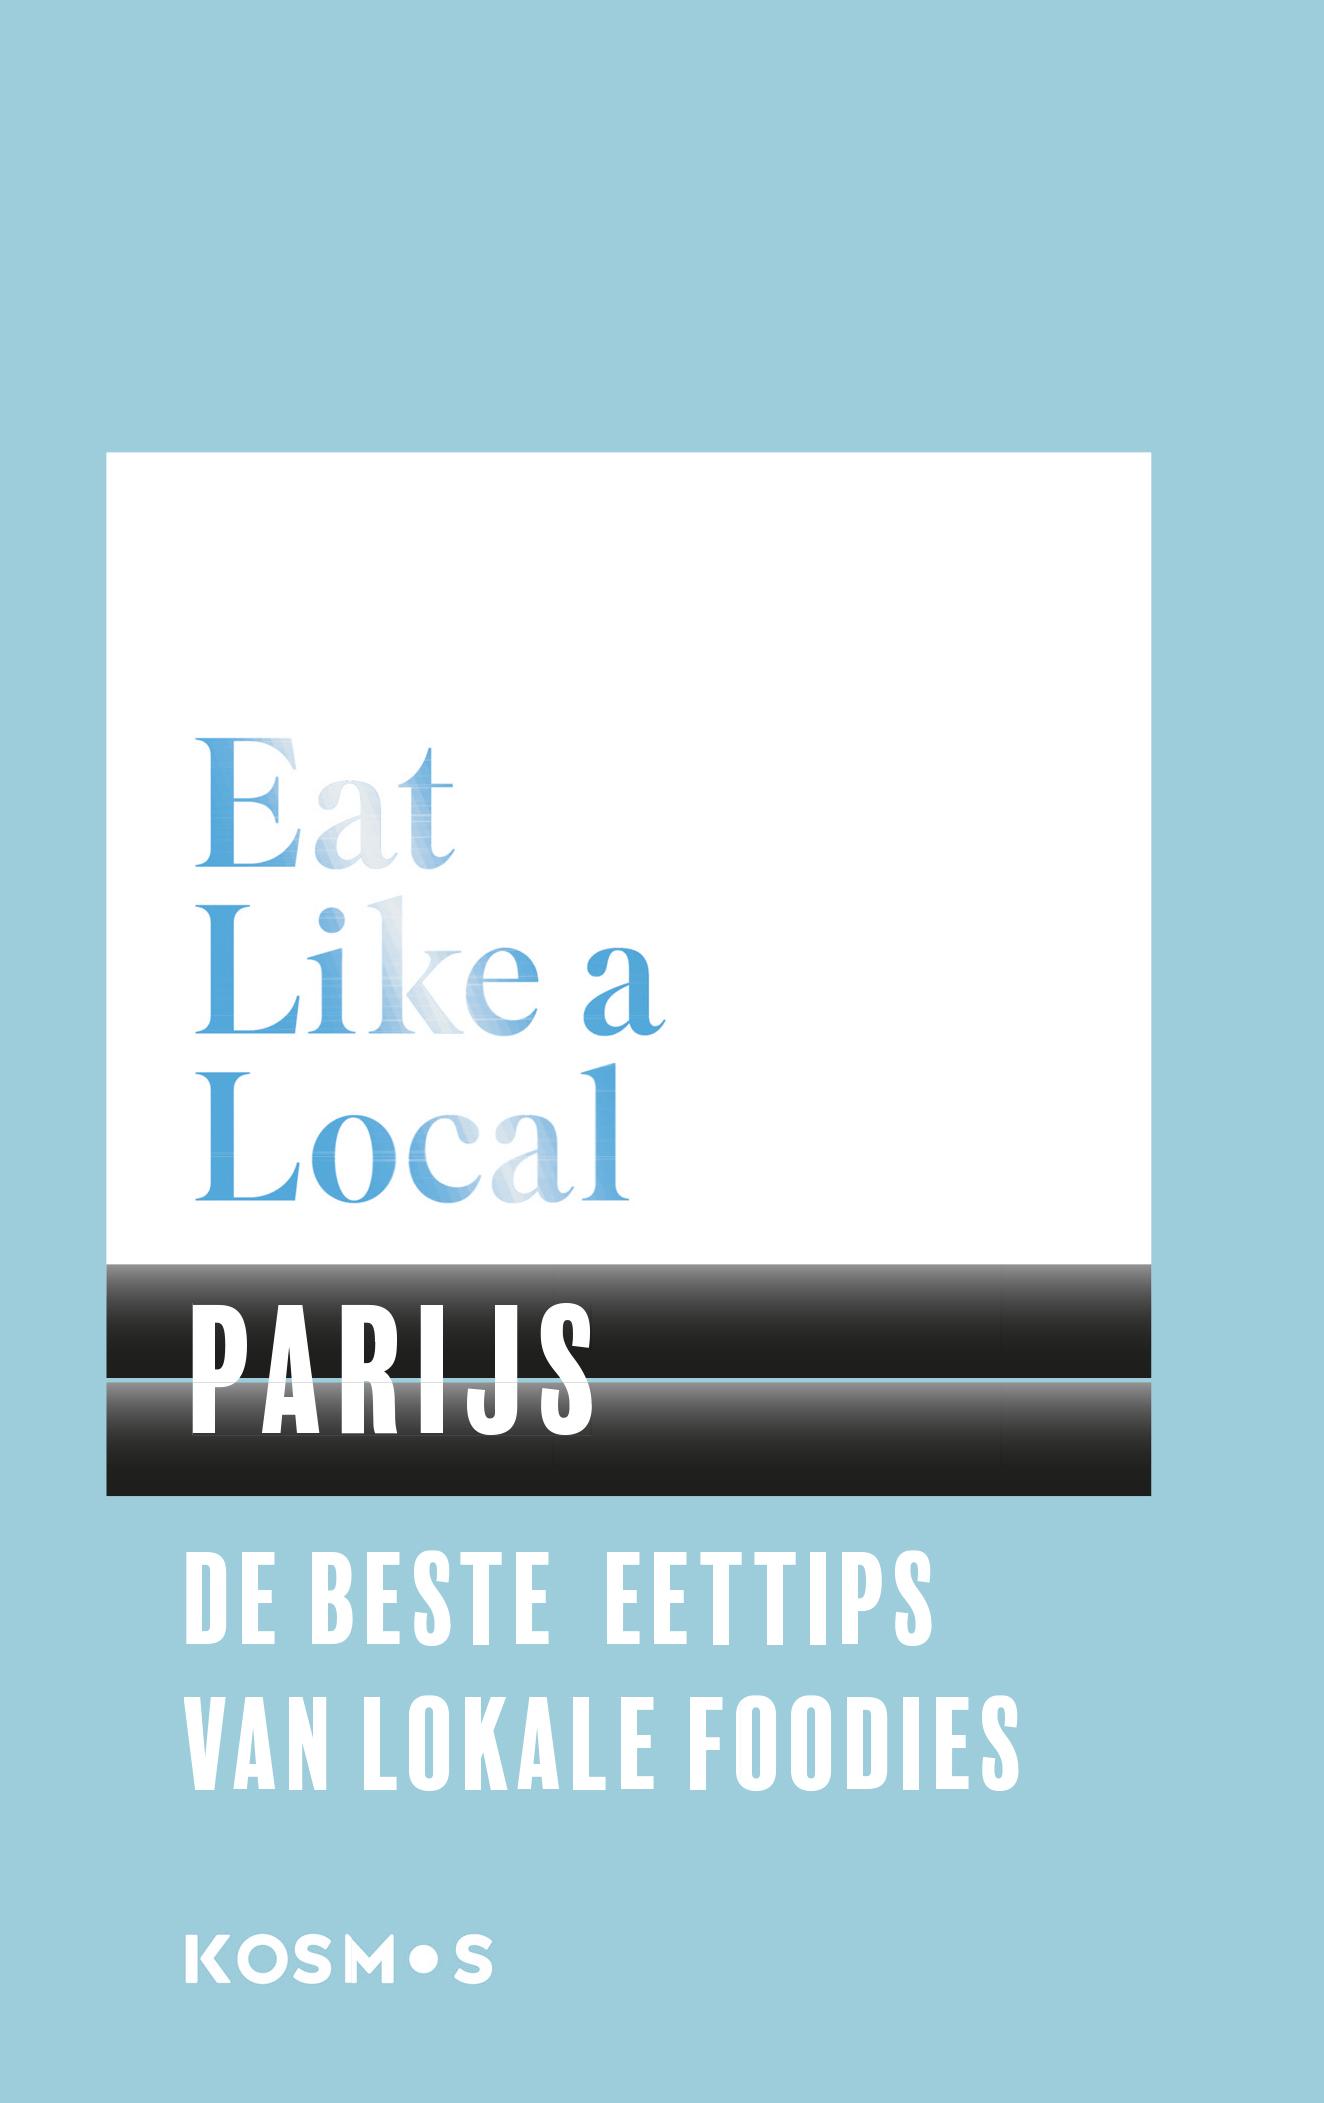 Reisgids Eat like a local Parijs | Kosmos